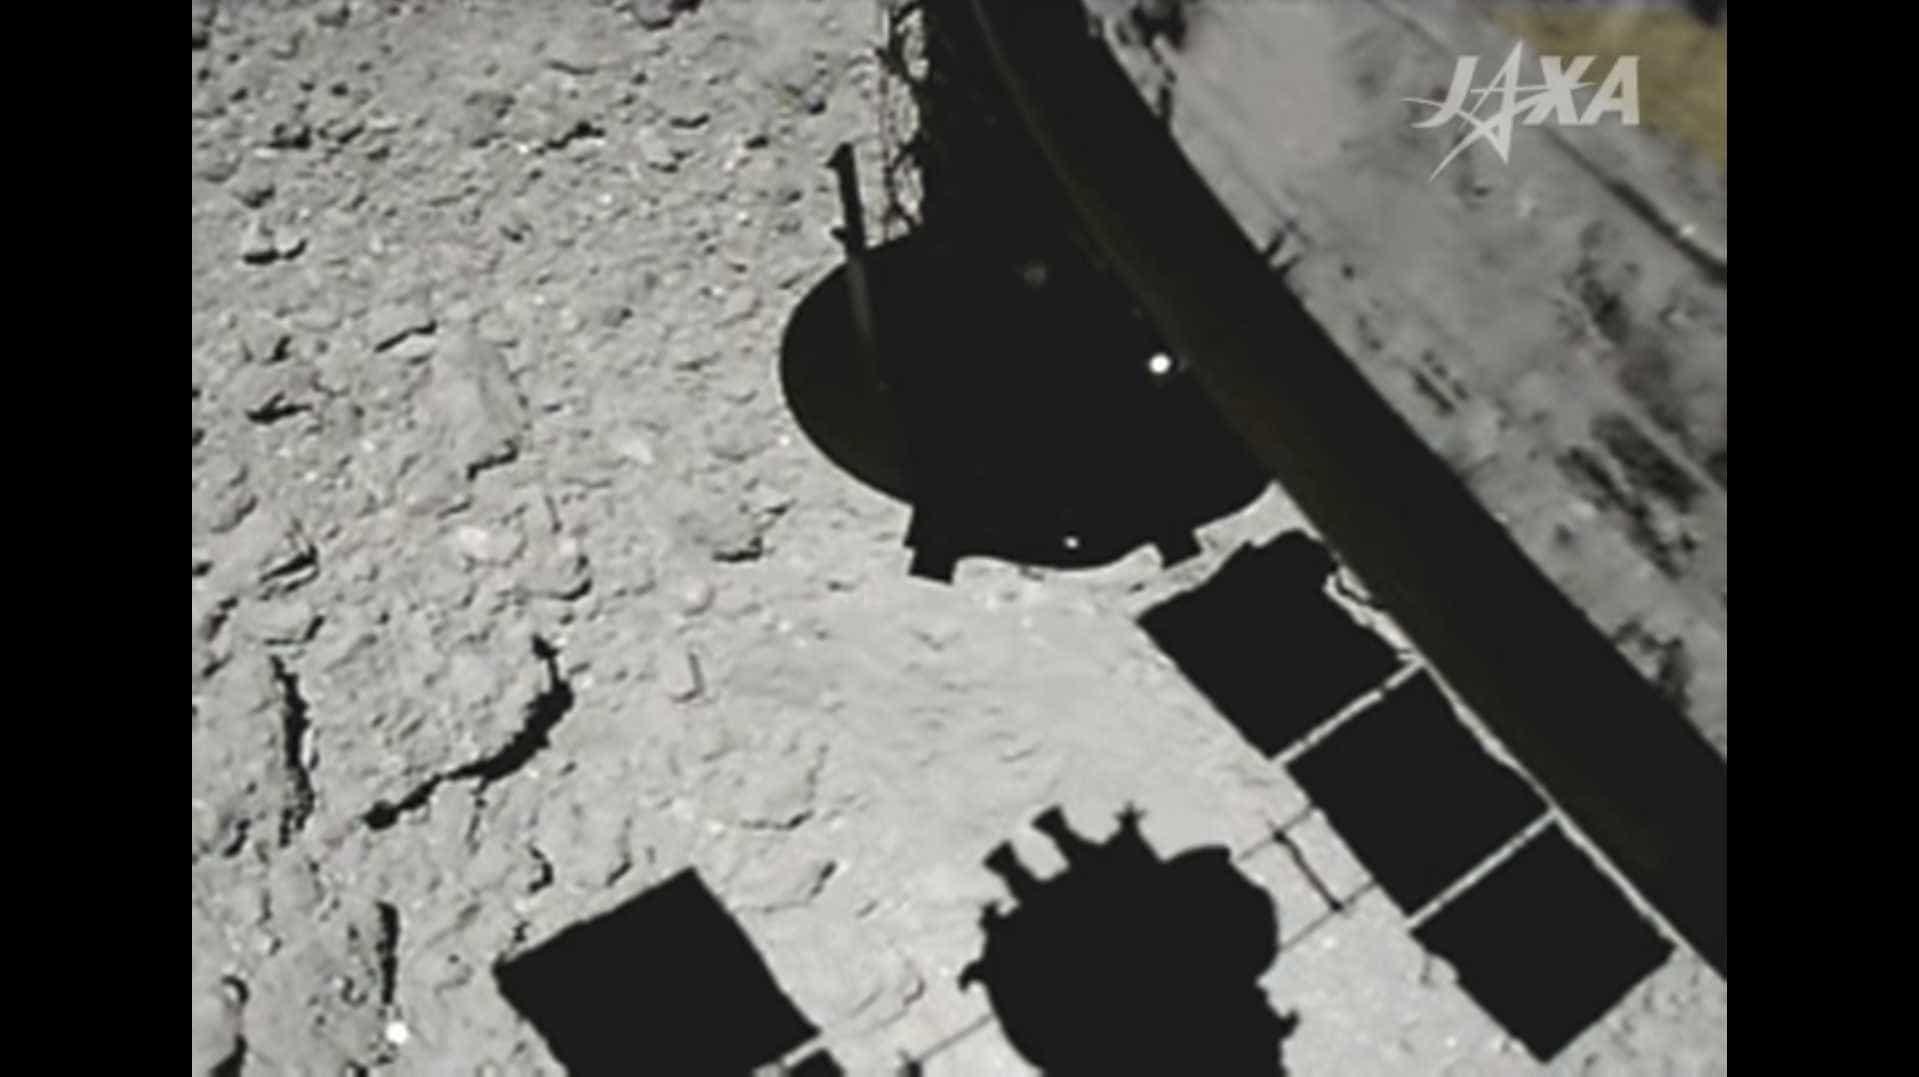 Vídeo mostra o momento que sonda pousou no asteroide Ryugu